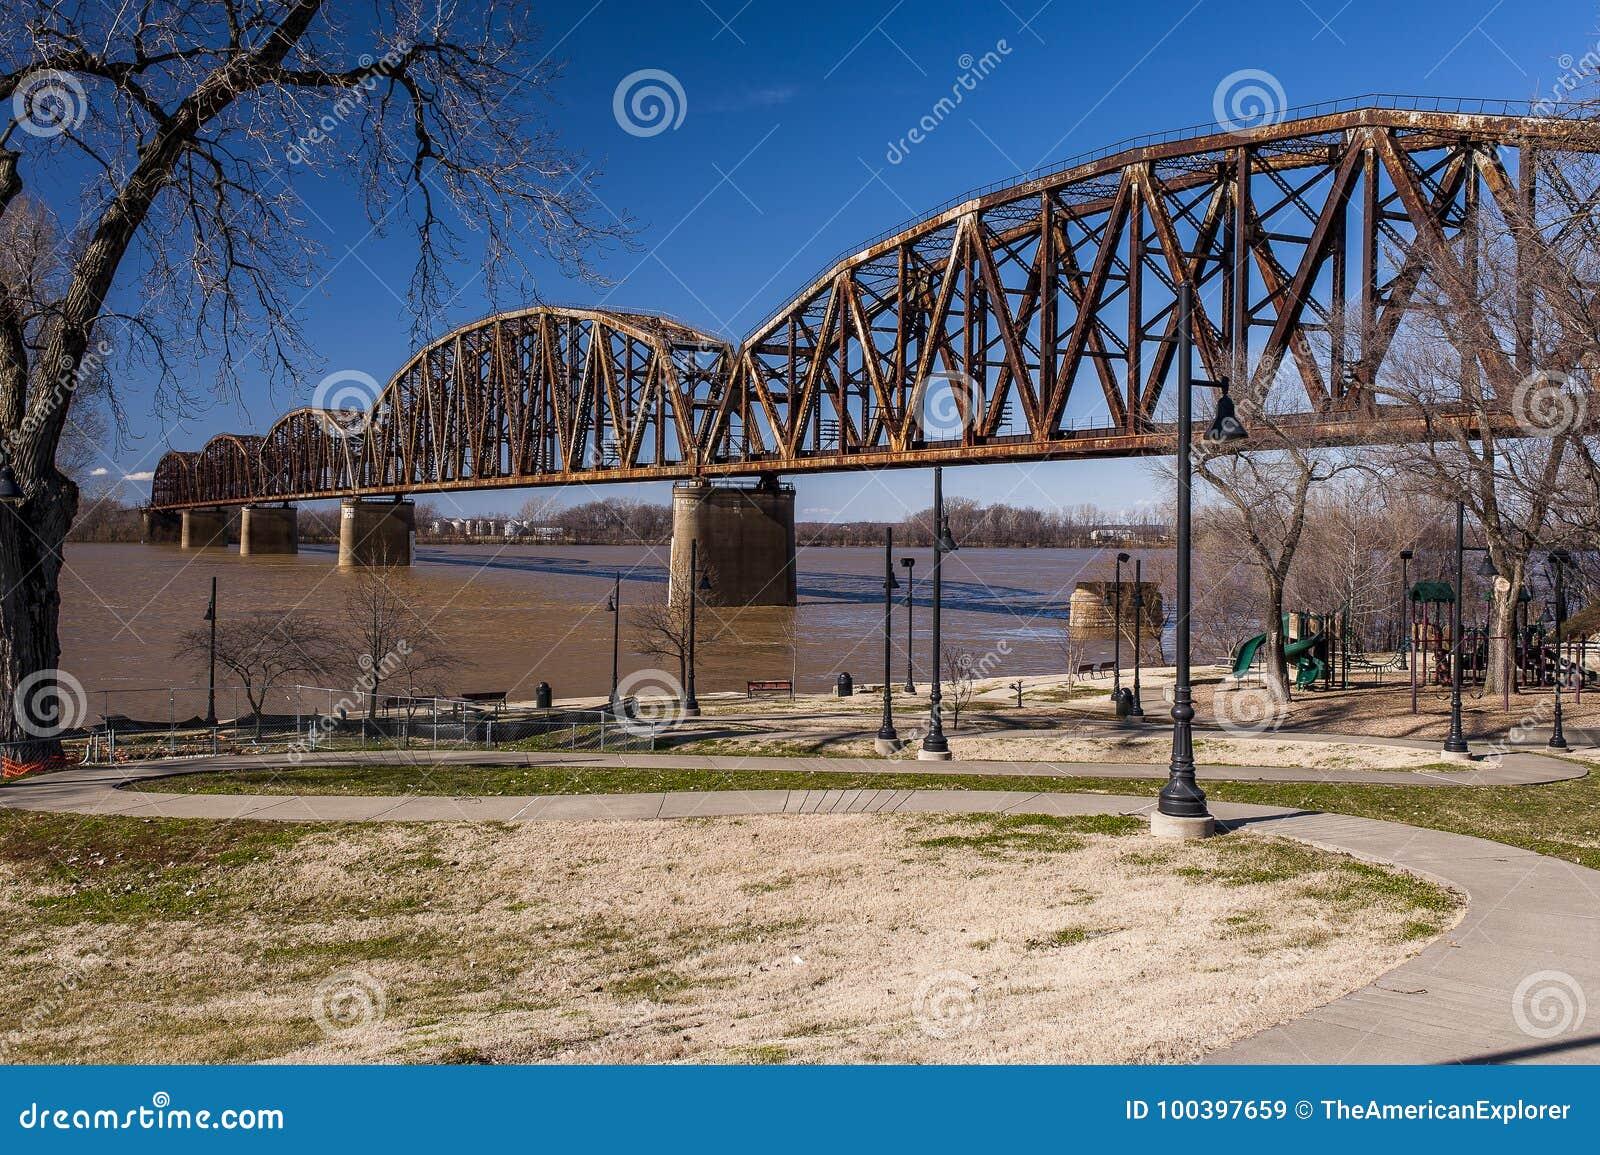 Henderson linii kolejowej most rzeka ohio, Kentucky & Indiana -,